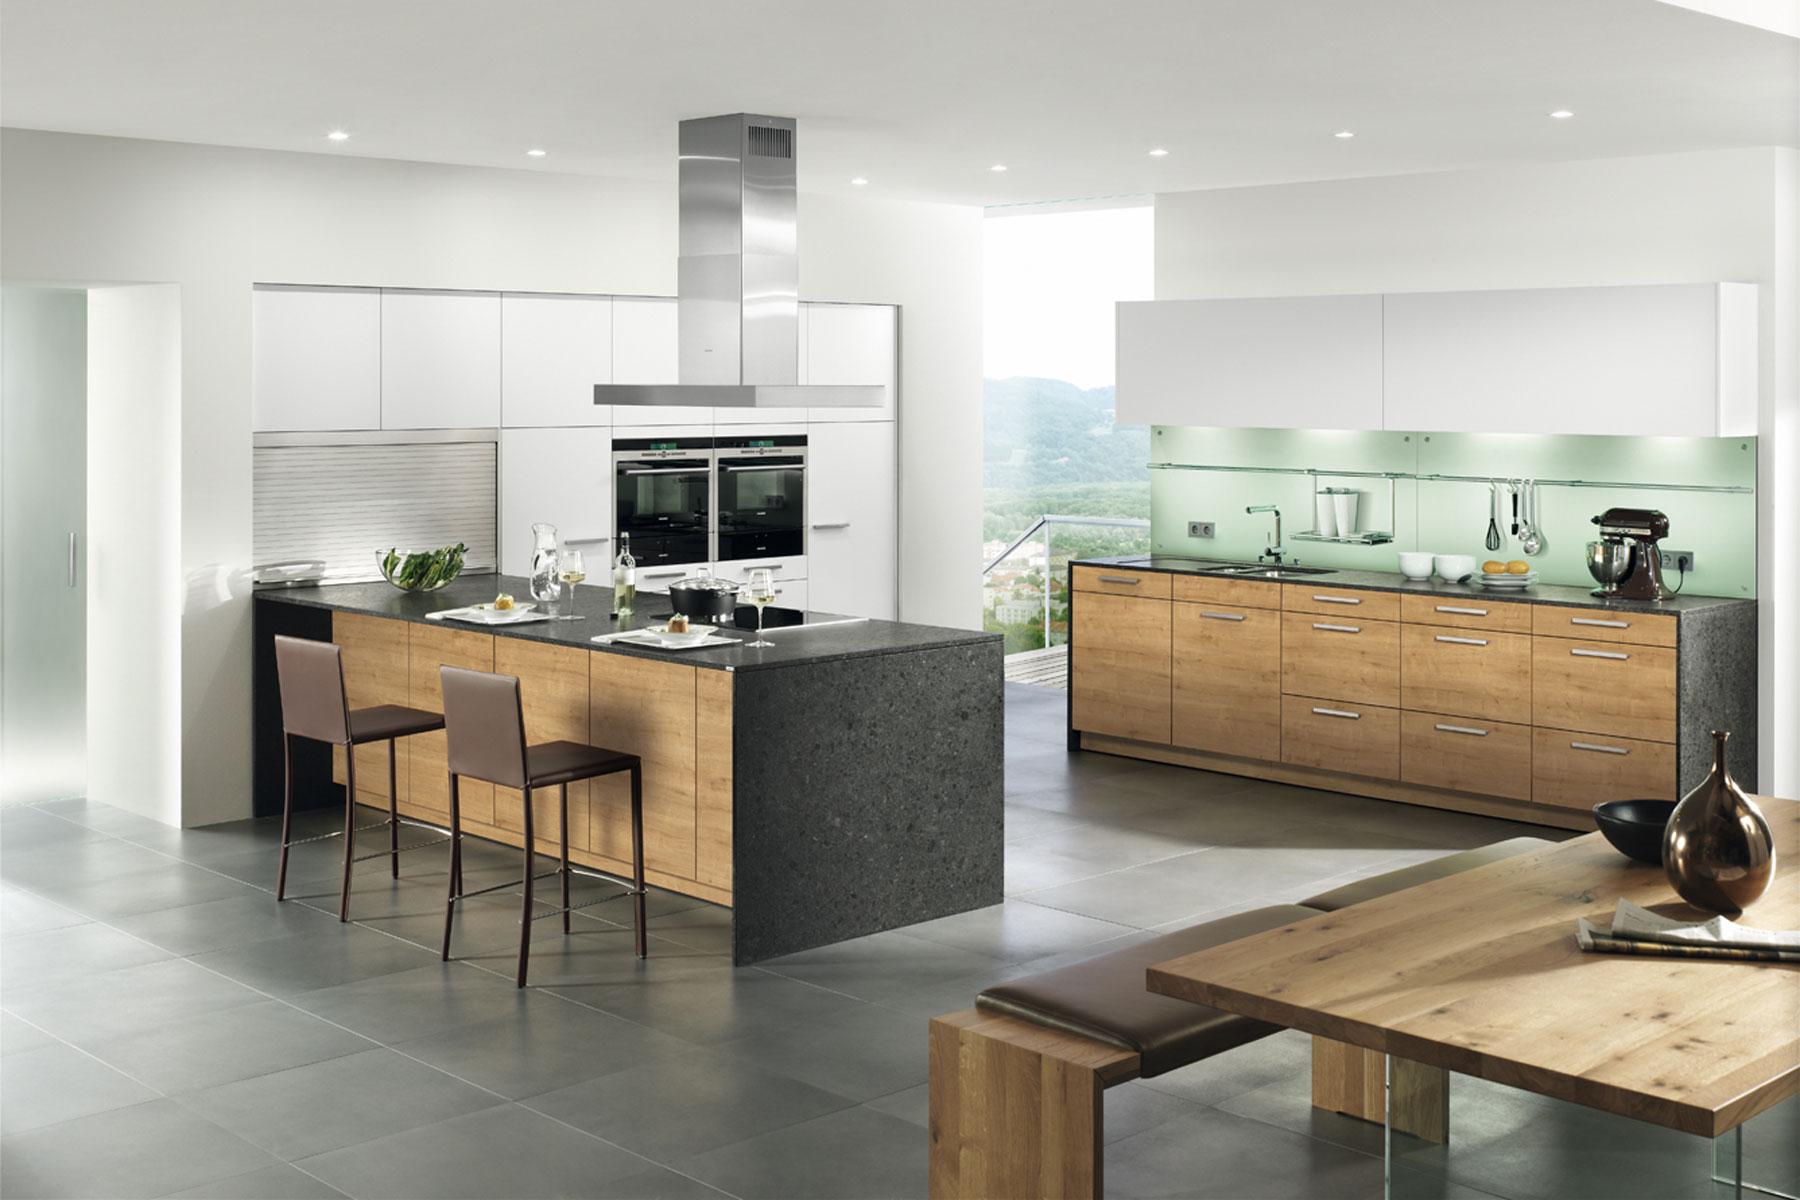 leicht kchen erfahrungen die palette stammt von le corbusier bei leicht kchen setzt man auf. Black Bedroom Furniture Sets. Home Design Ideas